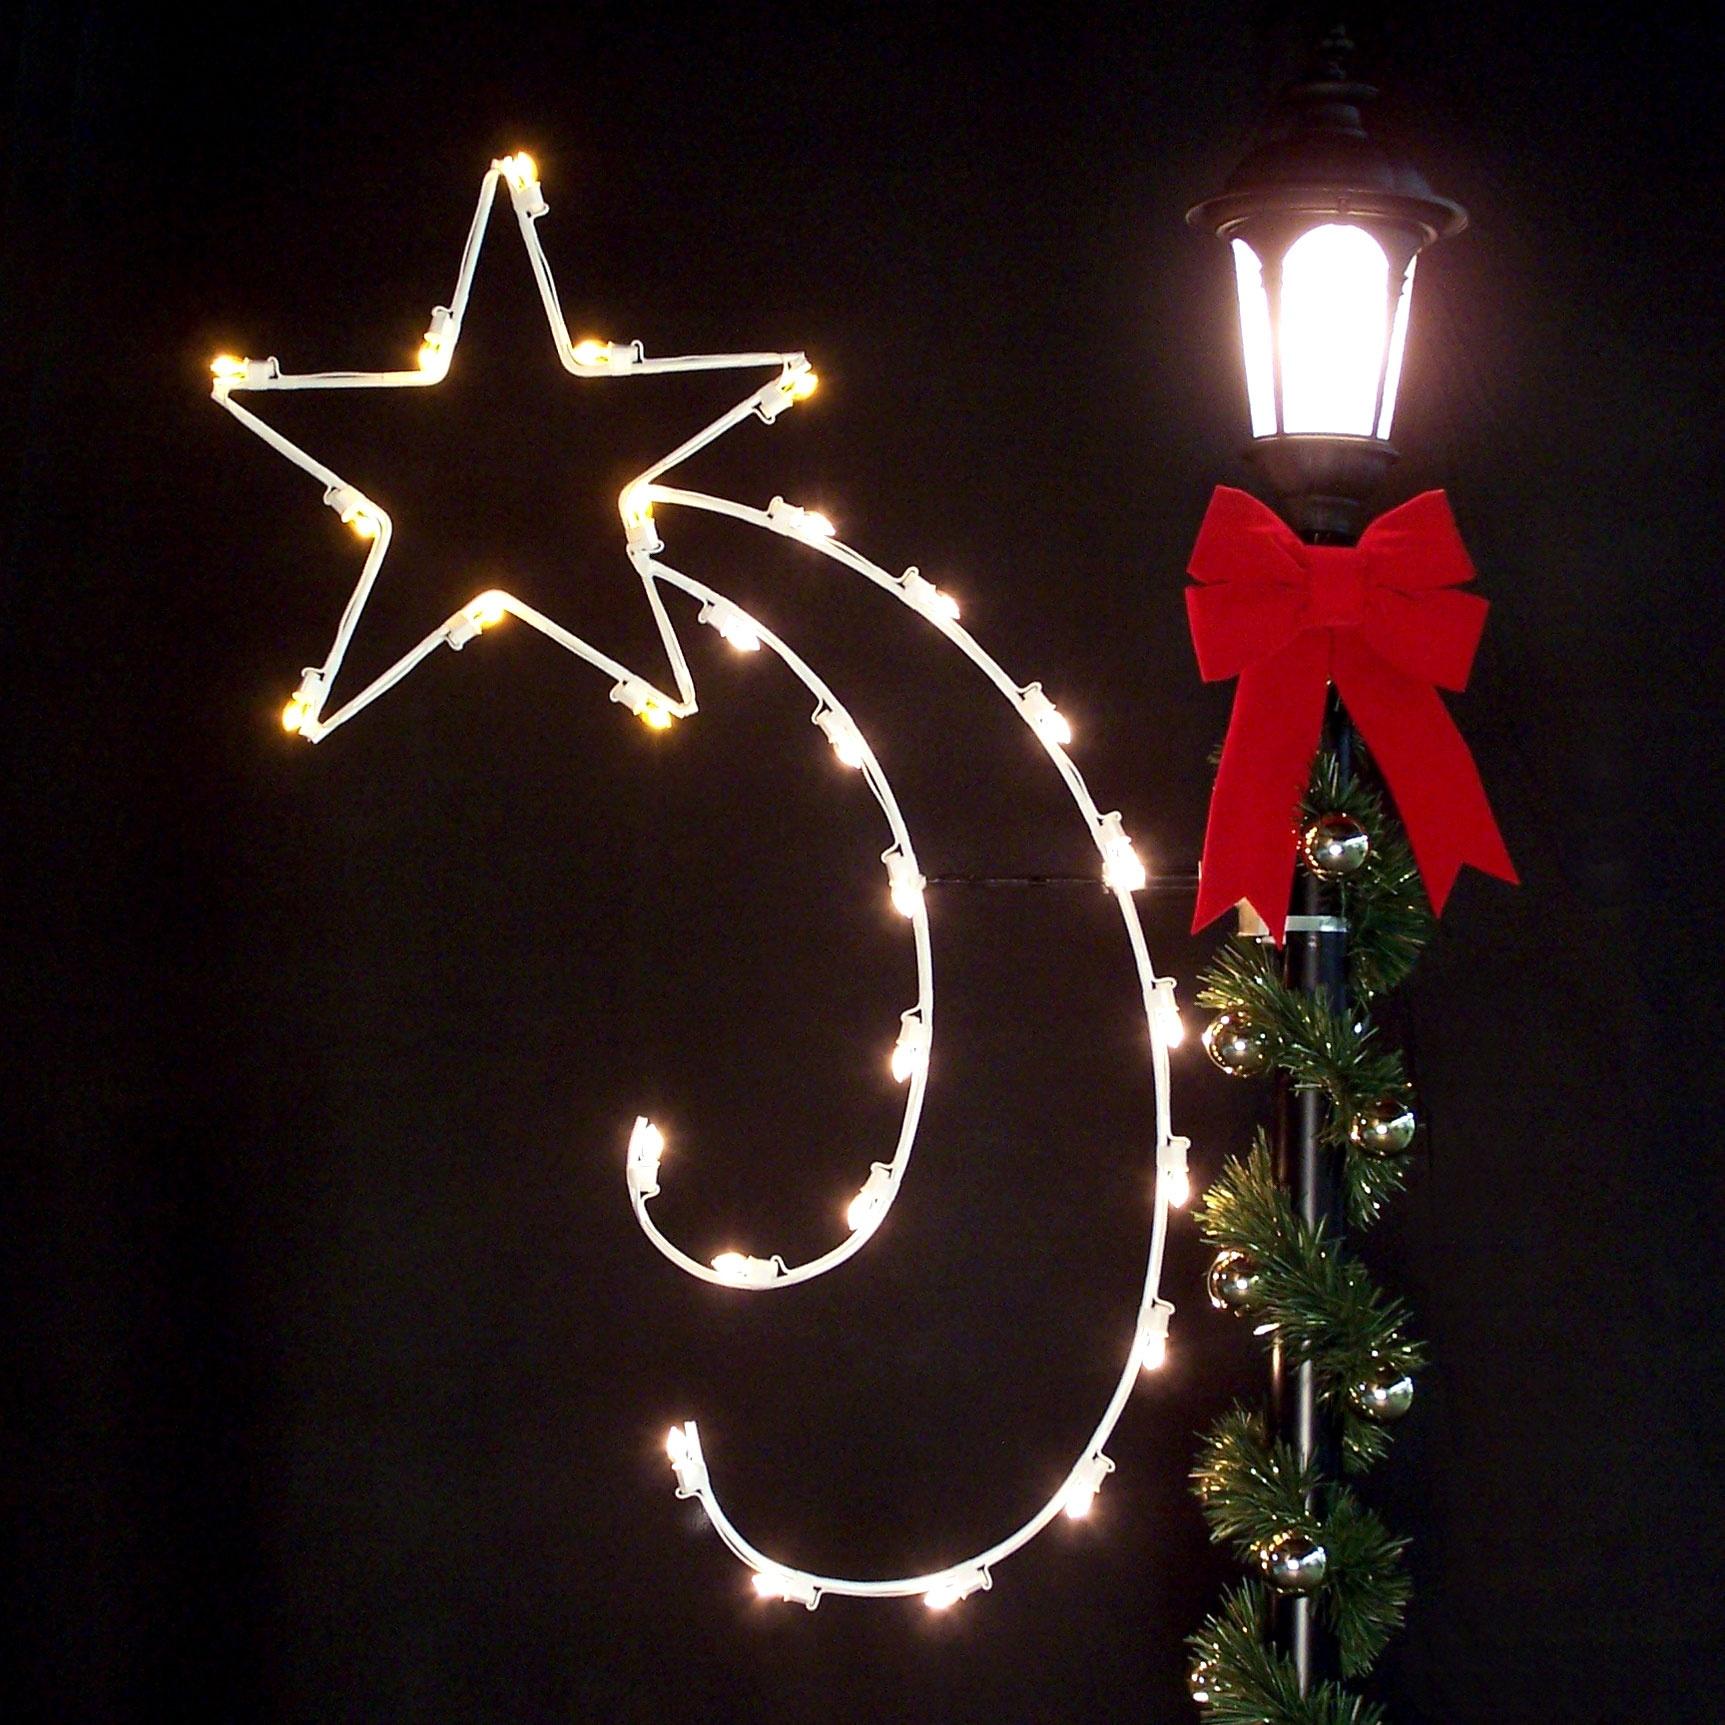 Shooting Icicle Christmas Lights